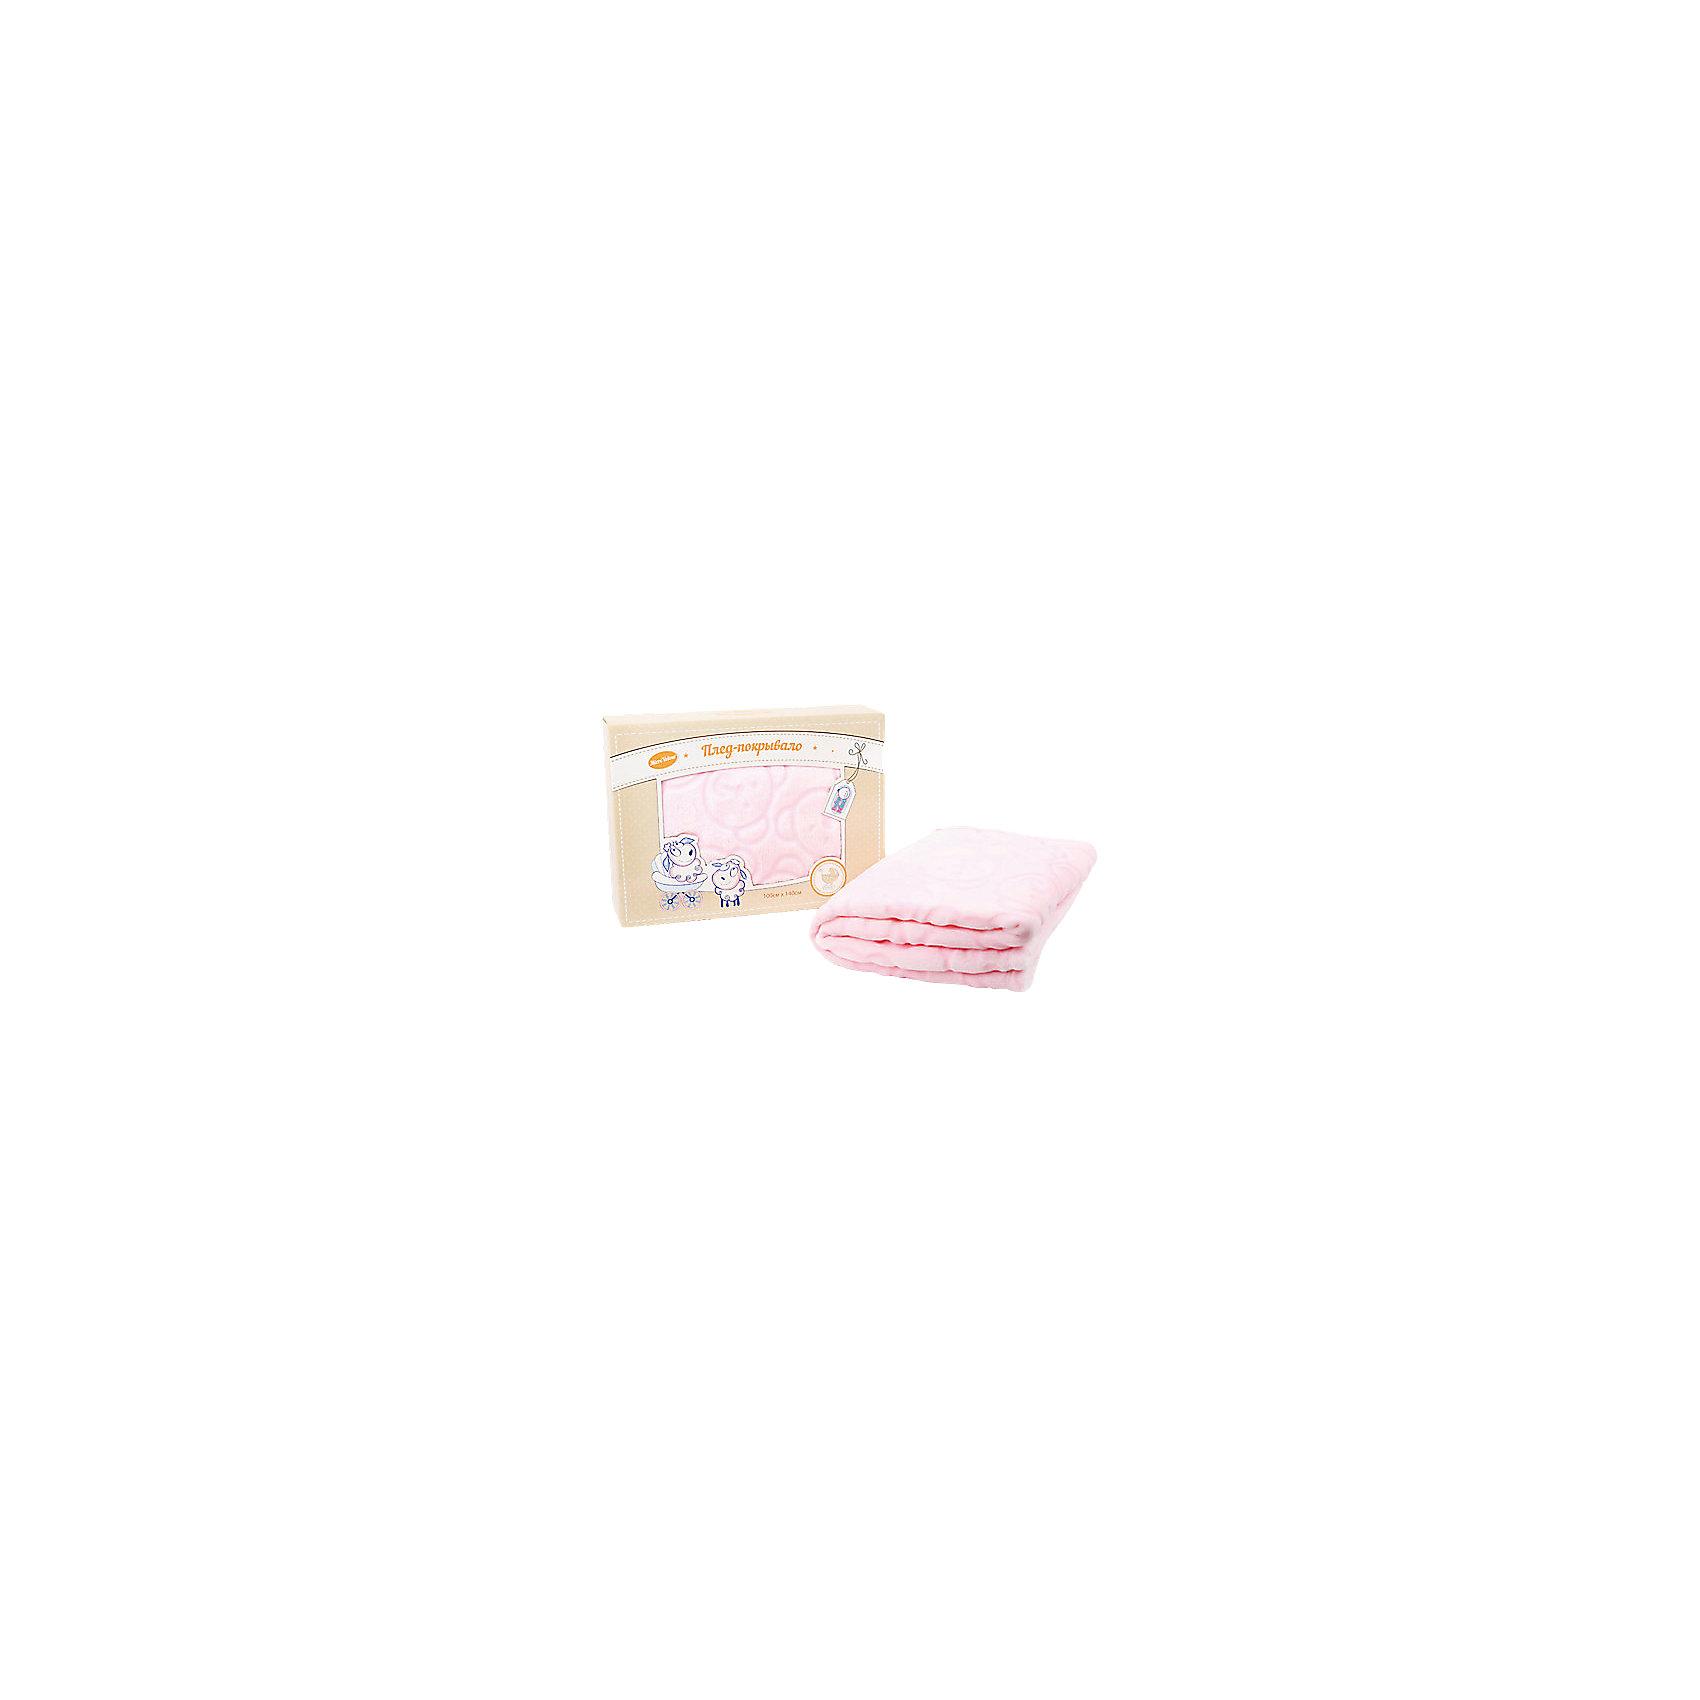 Плед-покрывала микро велюр, Baby Nice, розовыйПлед-покрывало Baby Nice замечательно подойдет для детской спальни в качестве легкого одеяла или покрывала для кроватки, а также согреет малыша на улице в прохладную погоду. Плед очень мягкий и нежный на ощупь, имеет приятную розовую расцветку и украшен симпатичными мишками. Выполнен из высококачественного гипоаллергенного материала, который хорошо поддерживает температурный баланс и способствует правильной терморегуляции, легко стирается не требует глажки.<br><br>Дополнительная информация:<br><br>- Цвет: розовый.<br>- Материал: 100% полиэстер.<br>- Размер пледа: 100 х 140 см.<br>- Размер упаковки: 30 х 20 х 50 см.<br>- Вес: 0,6 кг.<br><br>Плед-покрывало микро велюр, Baby Nice, розовый, можно купить в нашем интернет-магазине.<br><br>Ширина мм: 300<br>Глубина мм: 200<br>Высота мм: 50<br>Вес г: 500<br>Возраст от месяцев: 0<br>Возраст до месяцев: 60<br>Пол: Женский<br>Возраст: Детский<br>SKU: 4032806